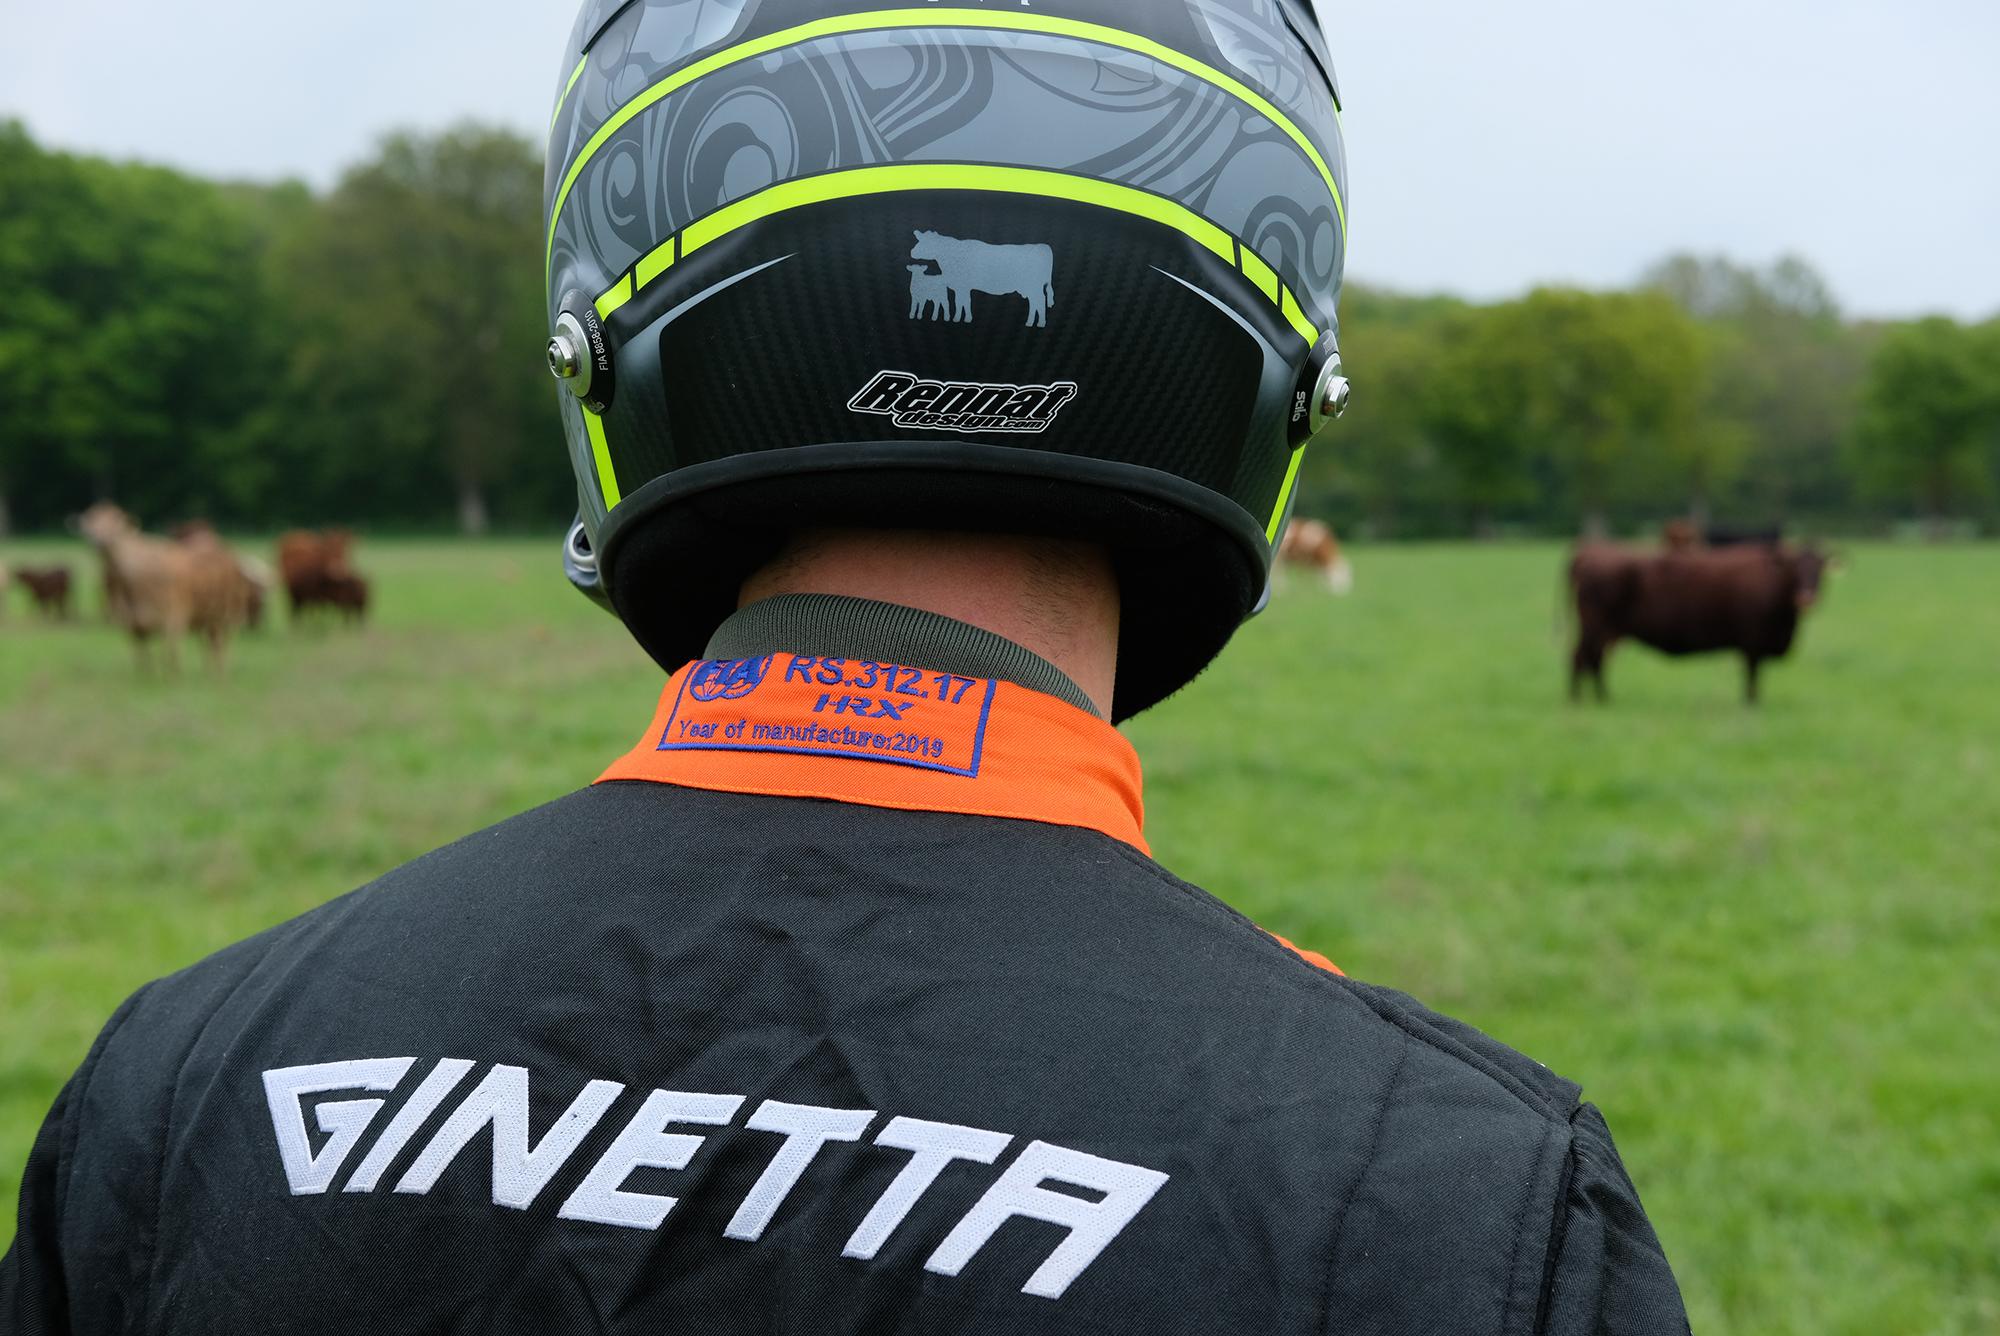 Nathan Heathcote on the farm